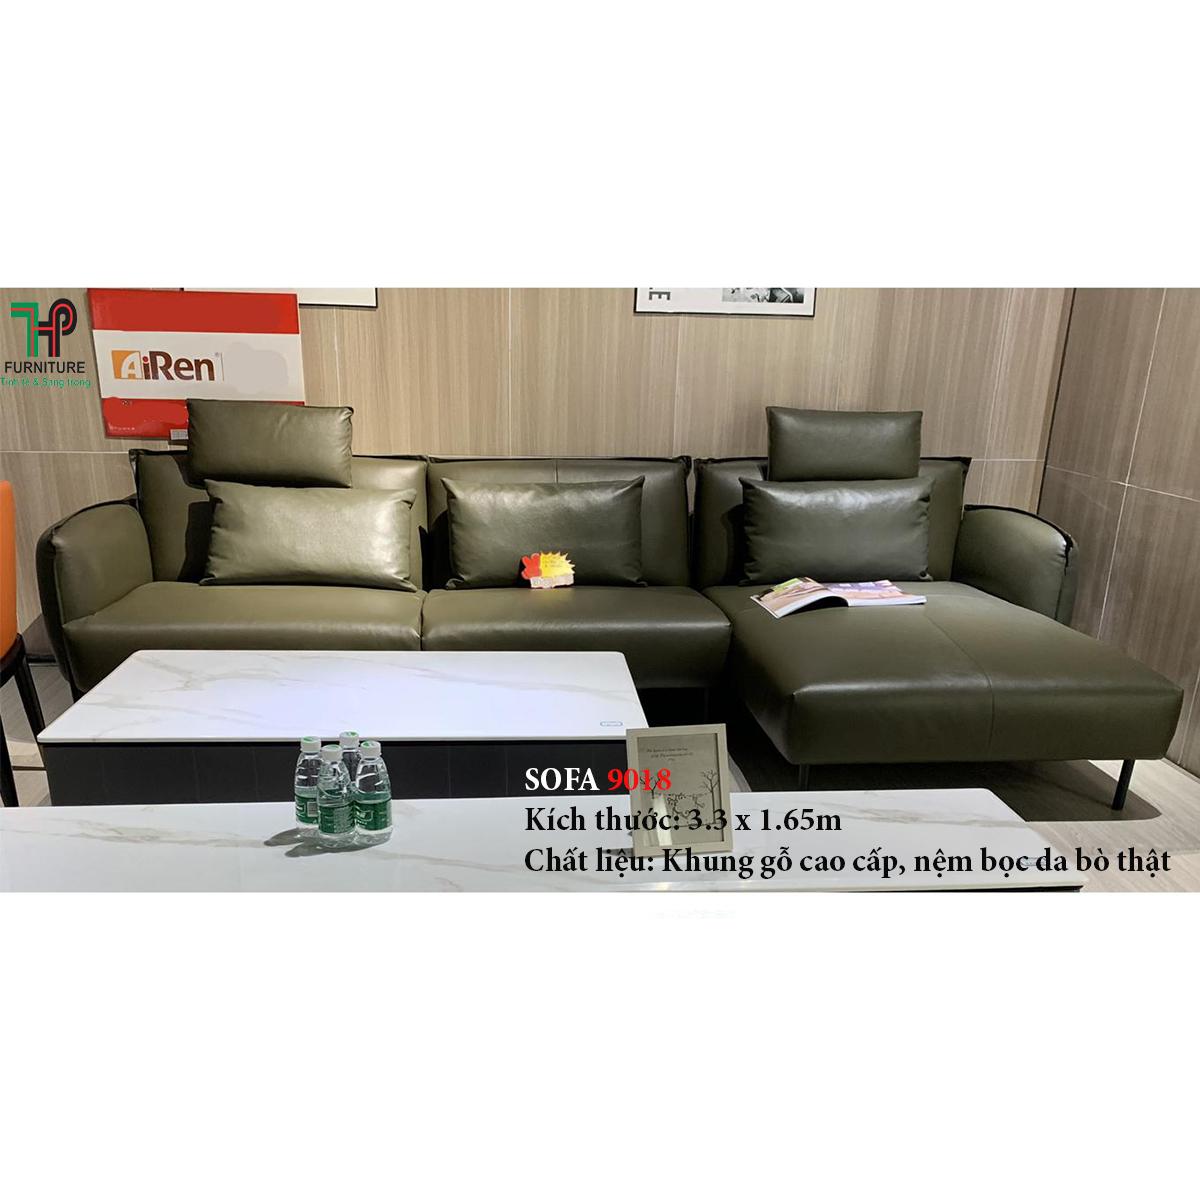 sofa-da-that-100-1.jpg